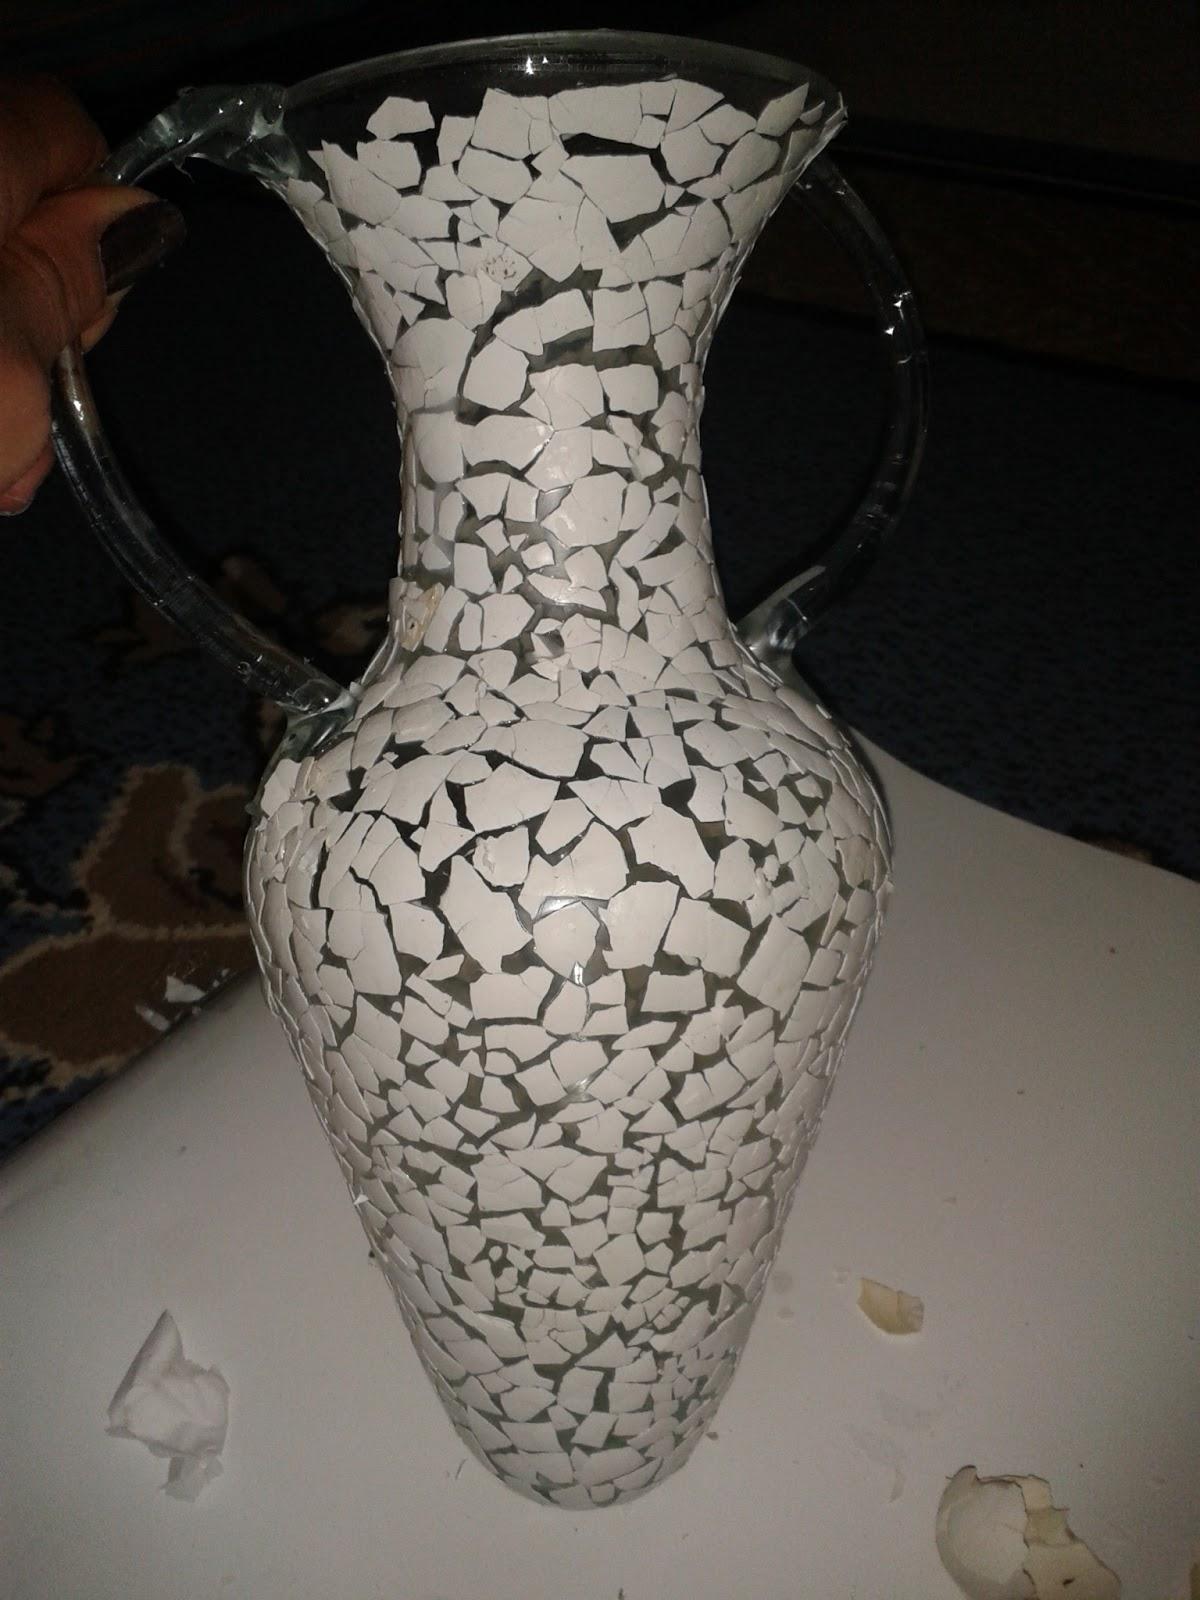 Peinture sur verre et porcelaine comment d corer un vase la coquille d 39 oeuf - Peinture coquille d oeuf ...